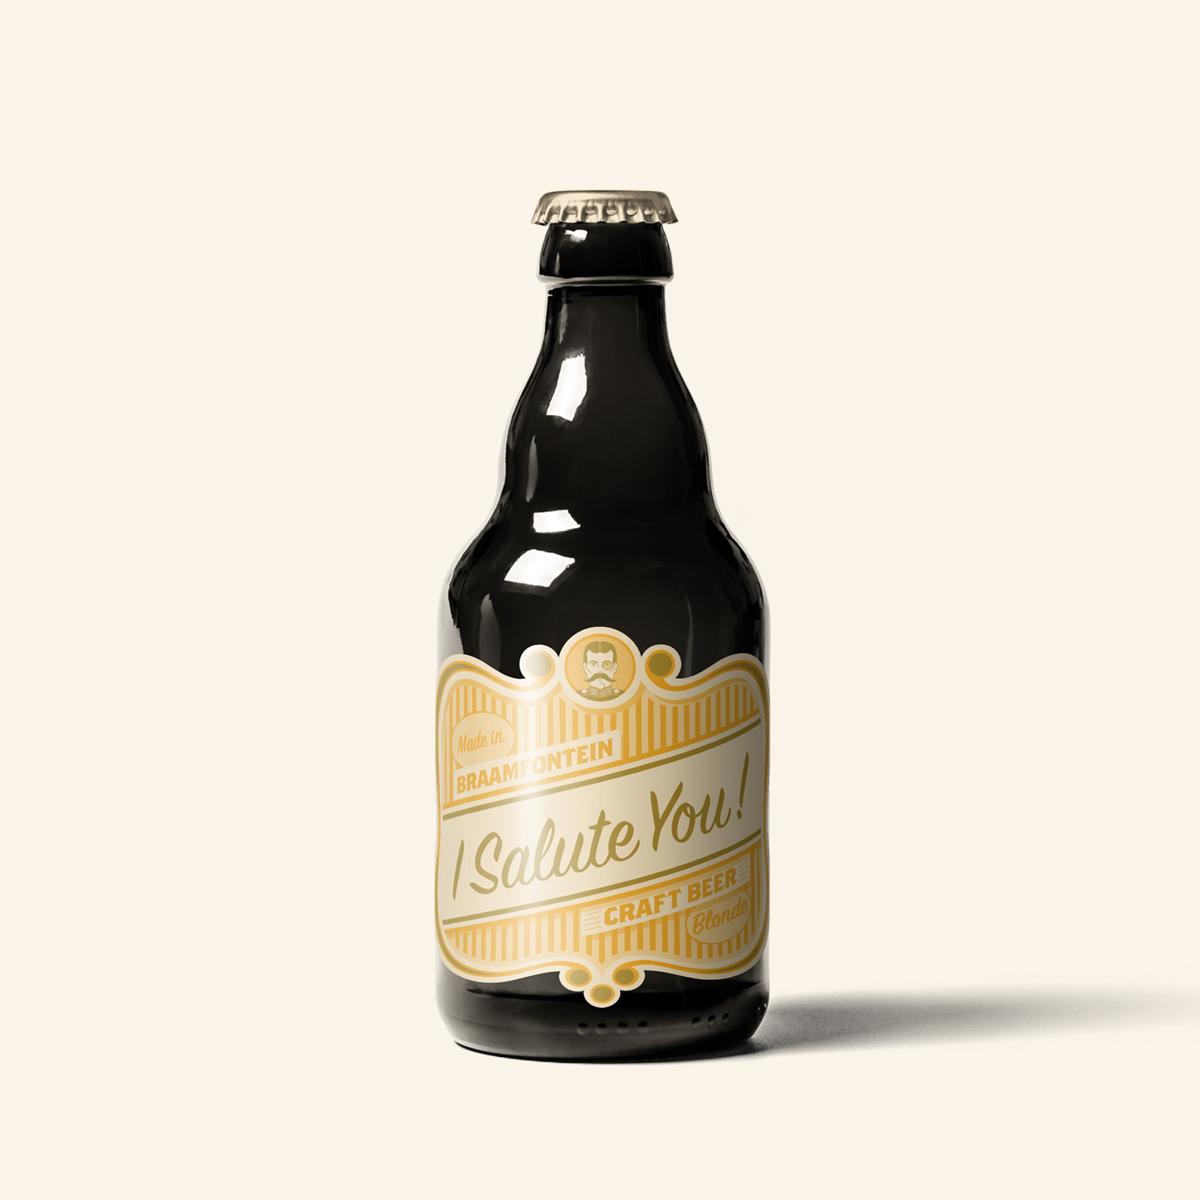 I Salute You Blonde Pale Ale